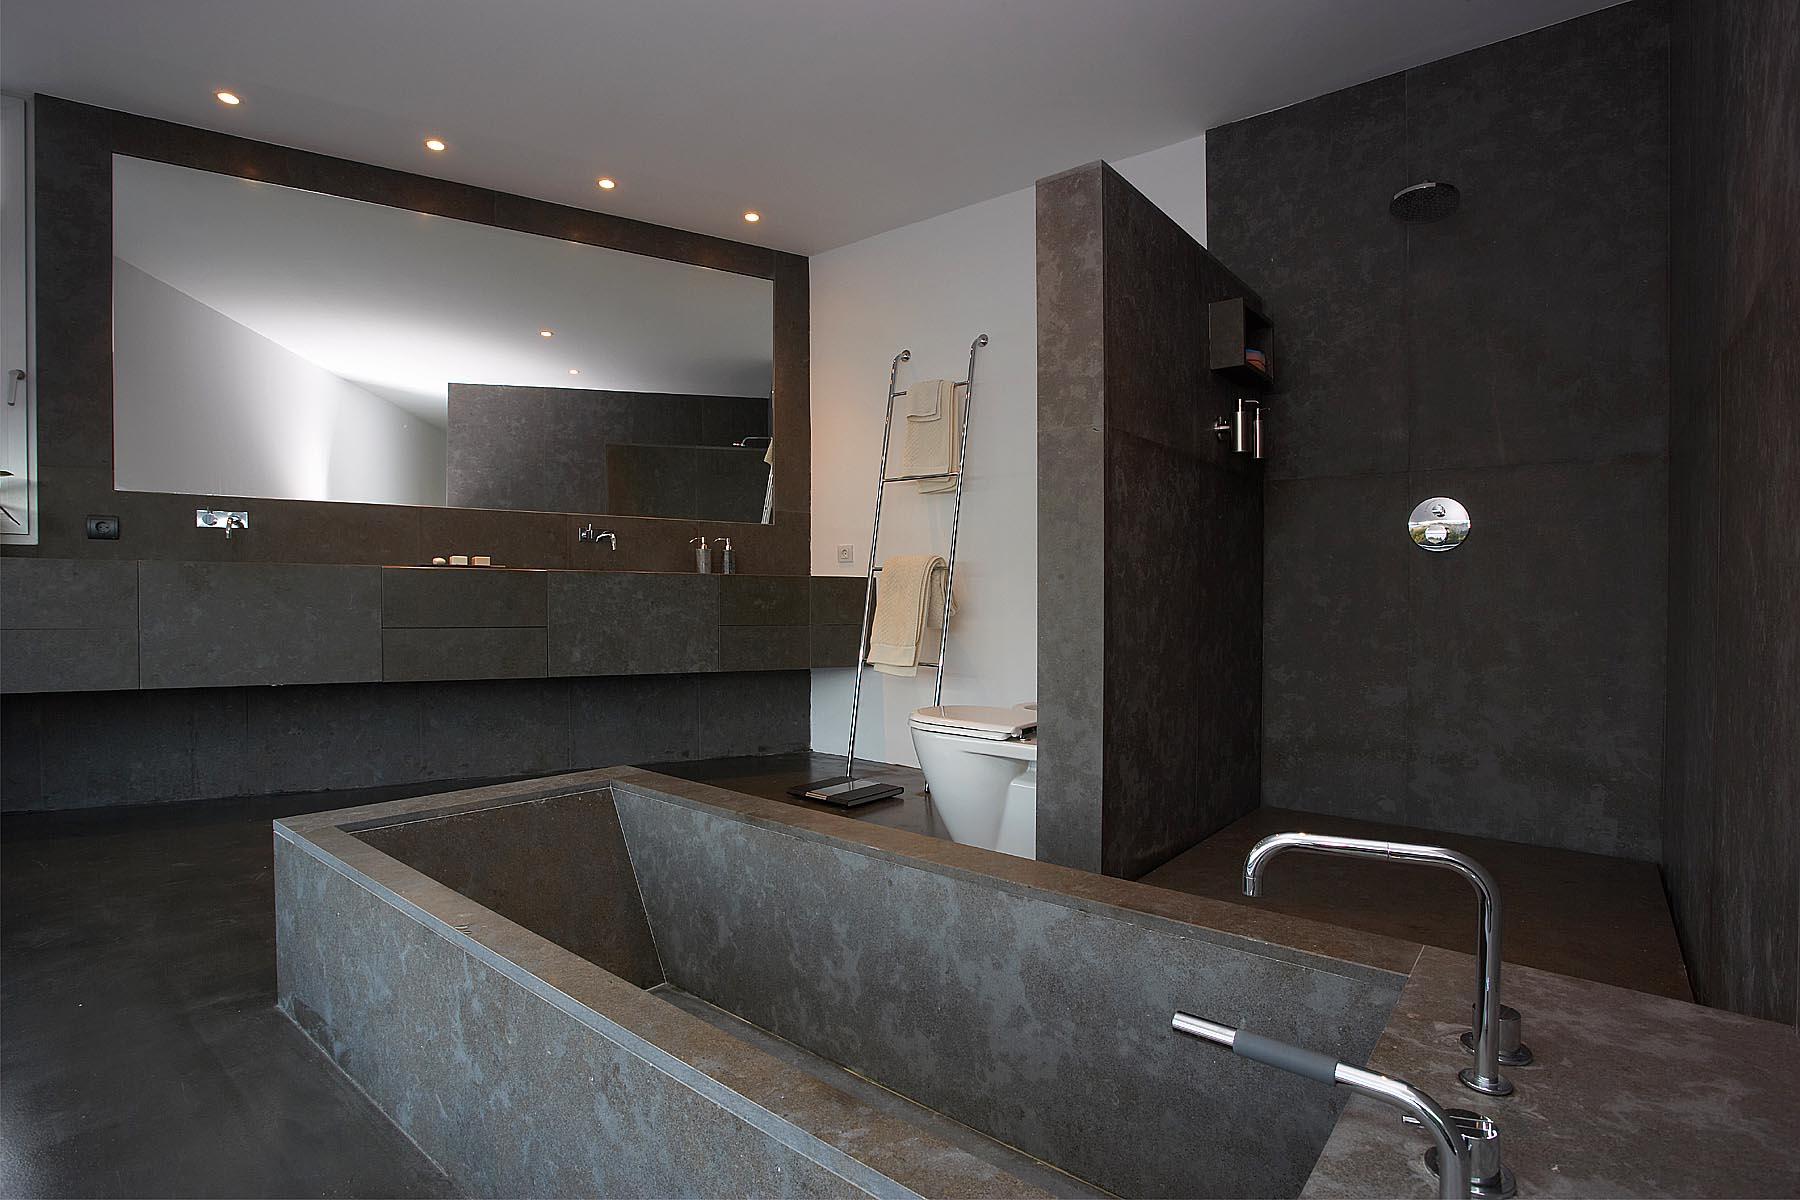 Reforma Baño en Santander (Cantabria) - Construcciones Montoya